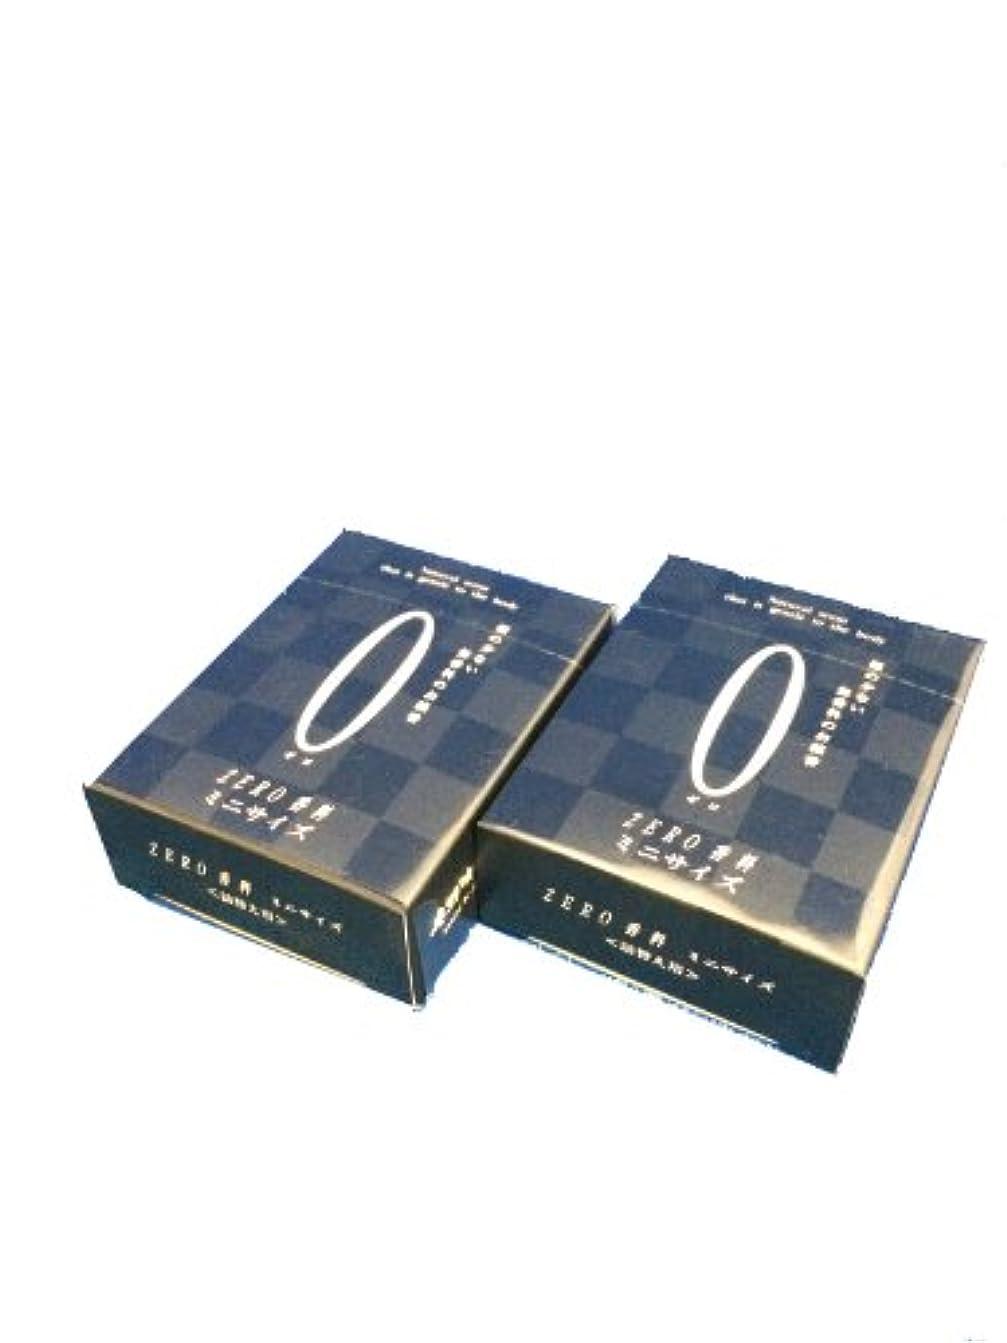 お風呂ダム望みZERO ゼロ香料 詰め替え用 2個セット ミニ寸 サイズ 約60g